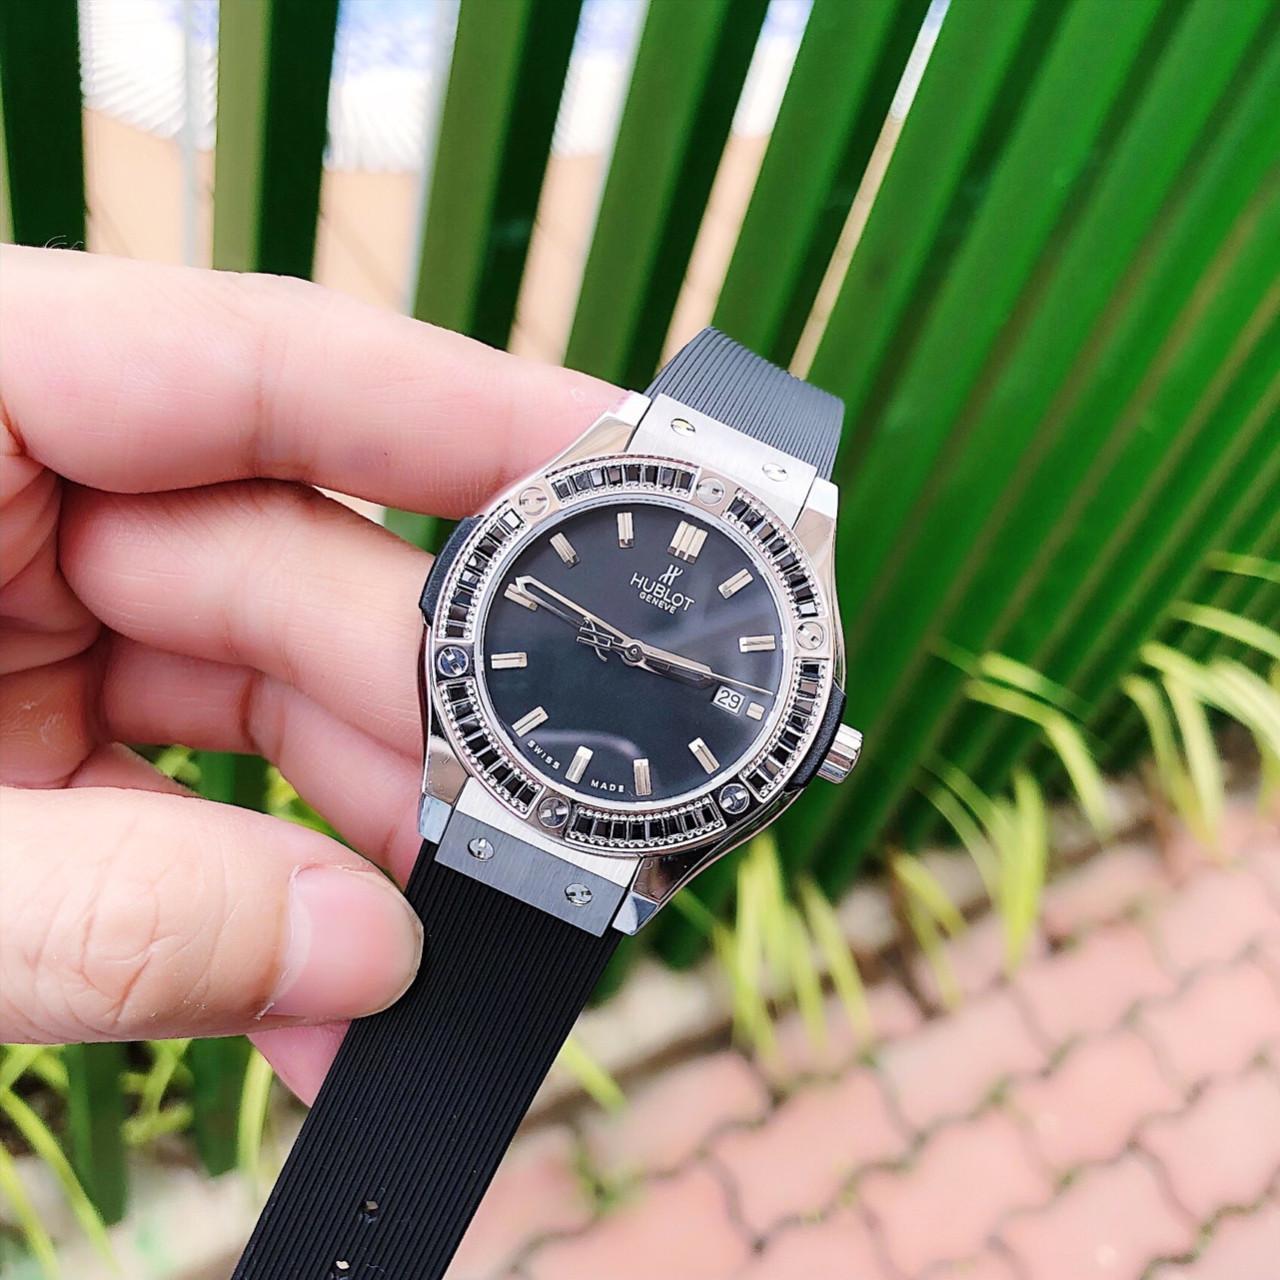 Đồng Hồ Nữ Hublot Diamond FS0040 bán chạy